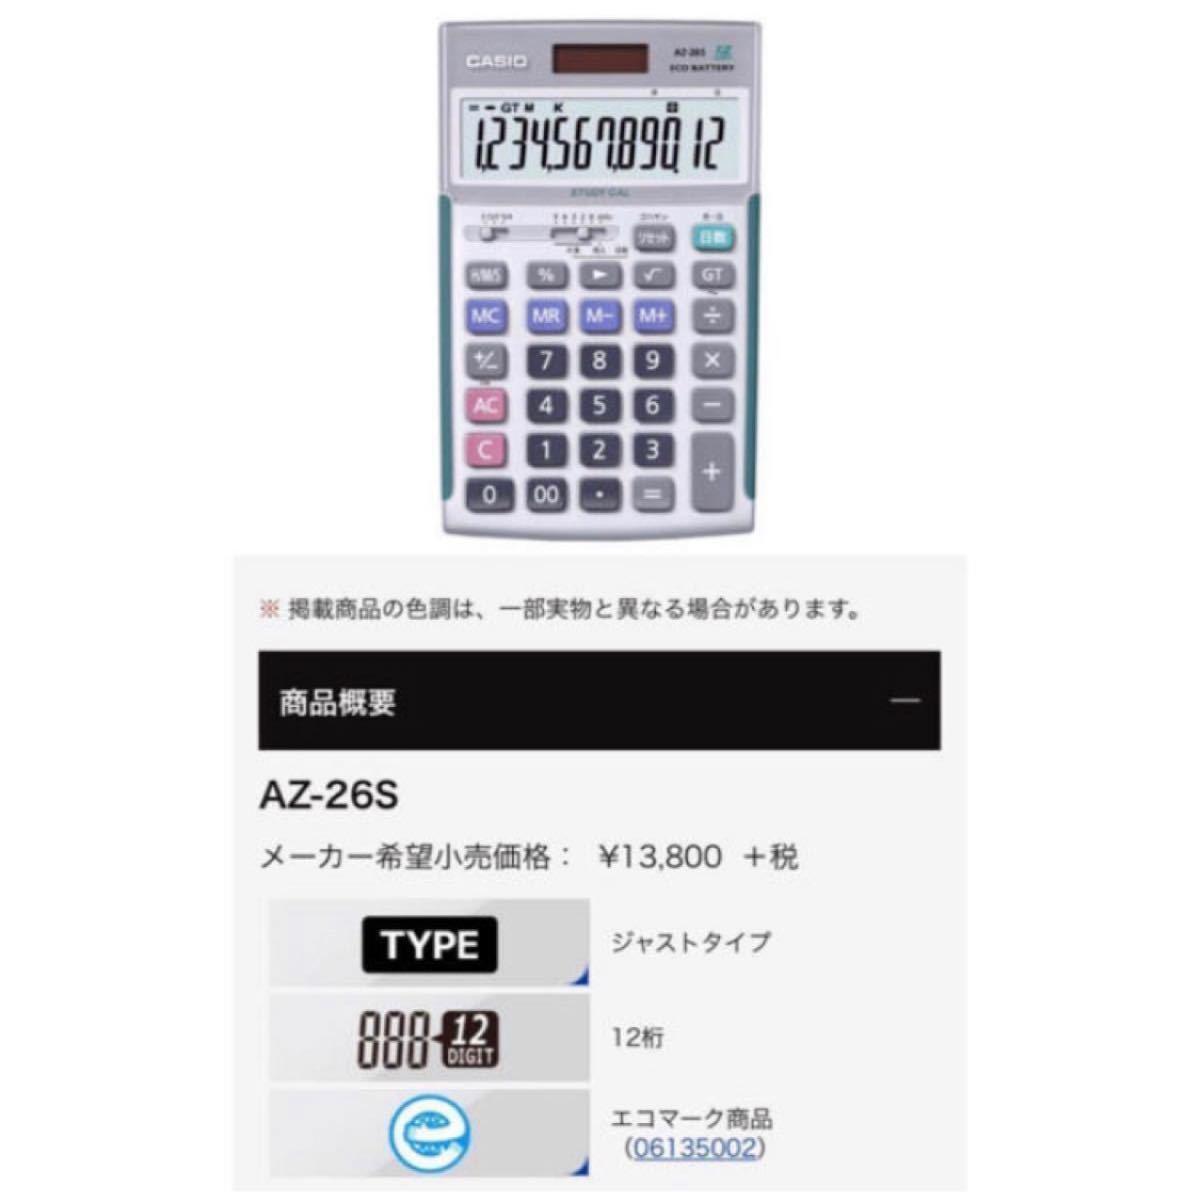 新品 CASIO 電卓 AZ-26S  カシオ